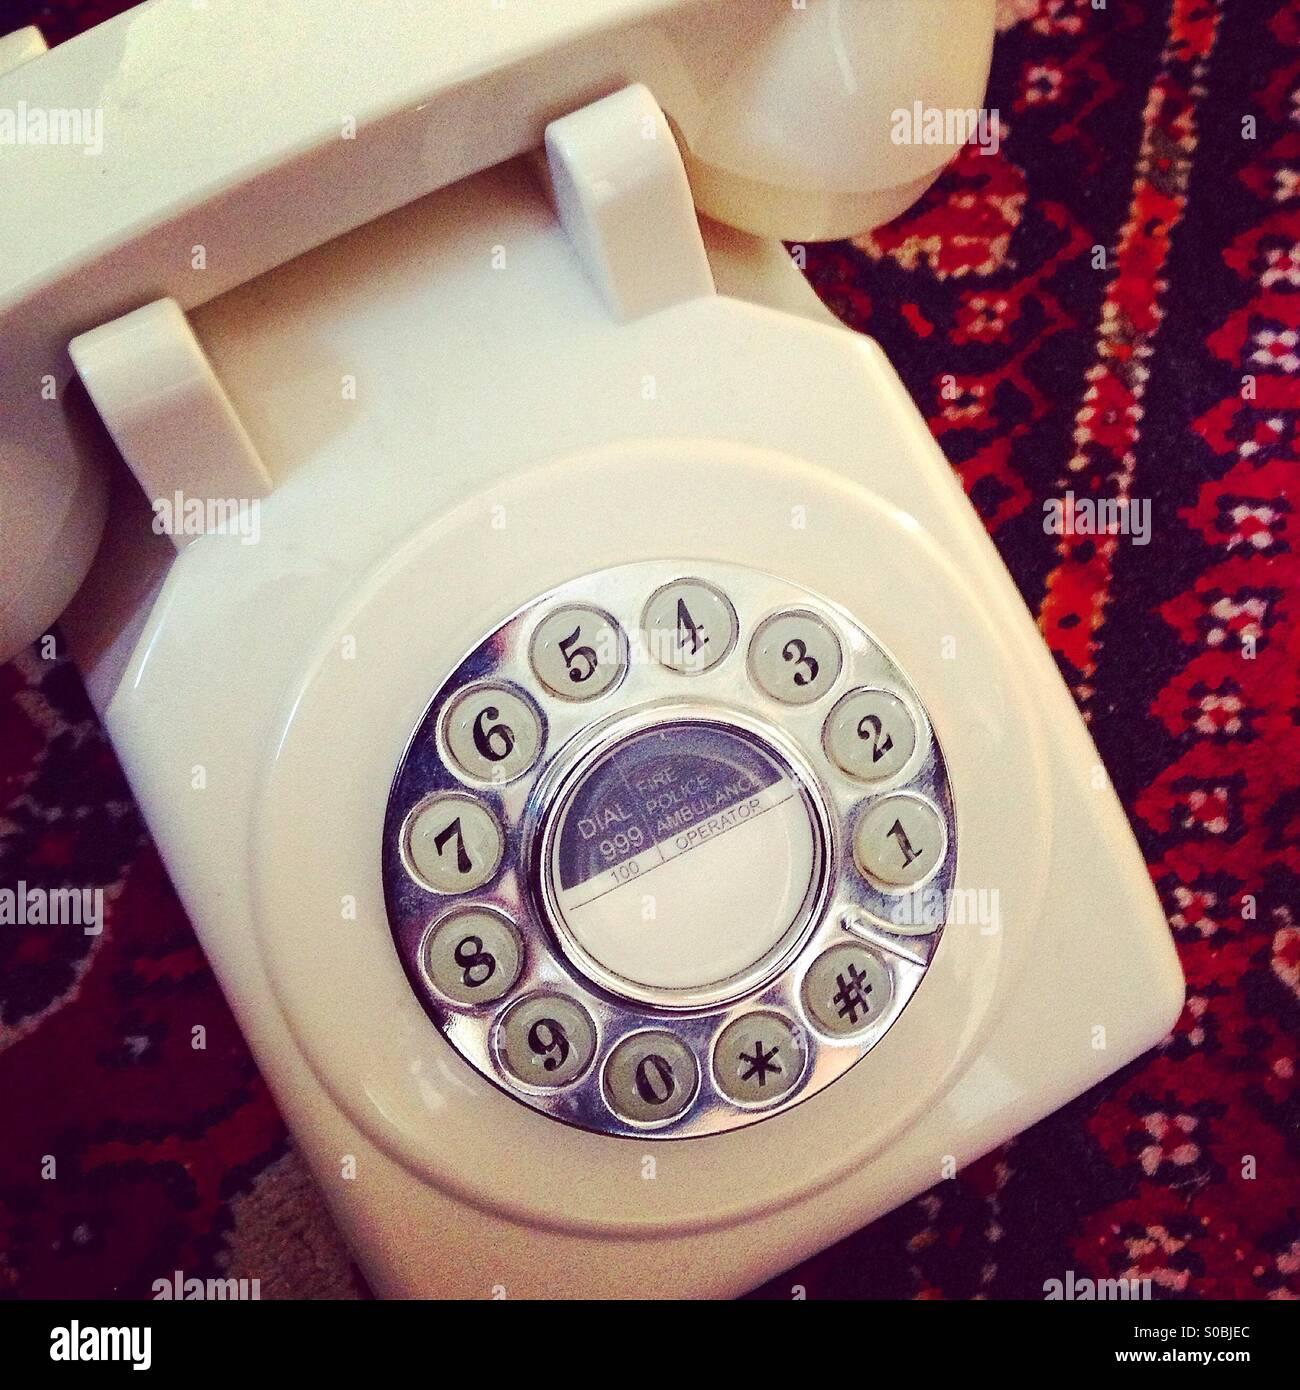 Vintage-Stil Telefon Stockbild